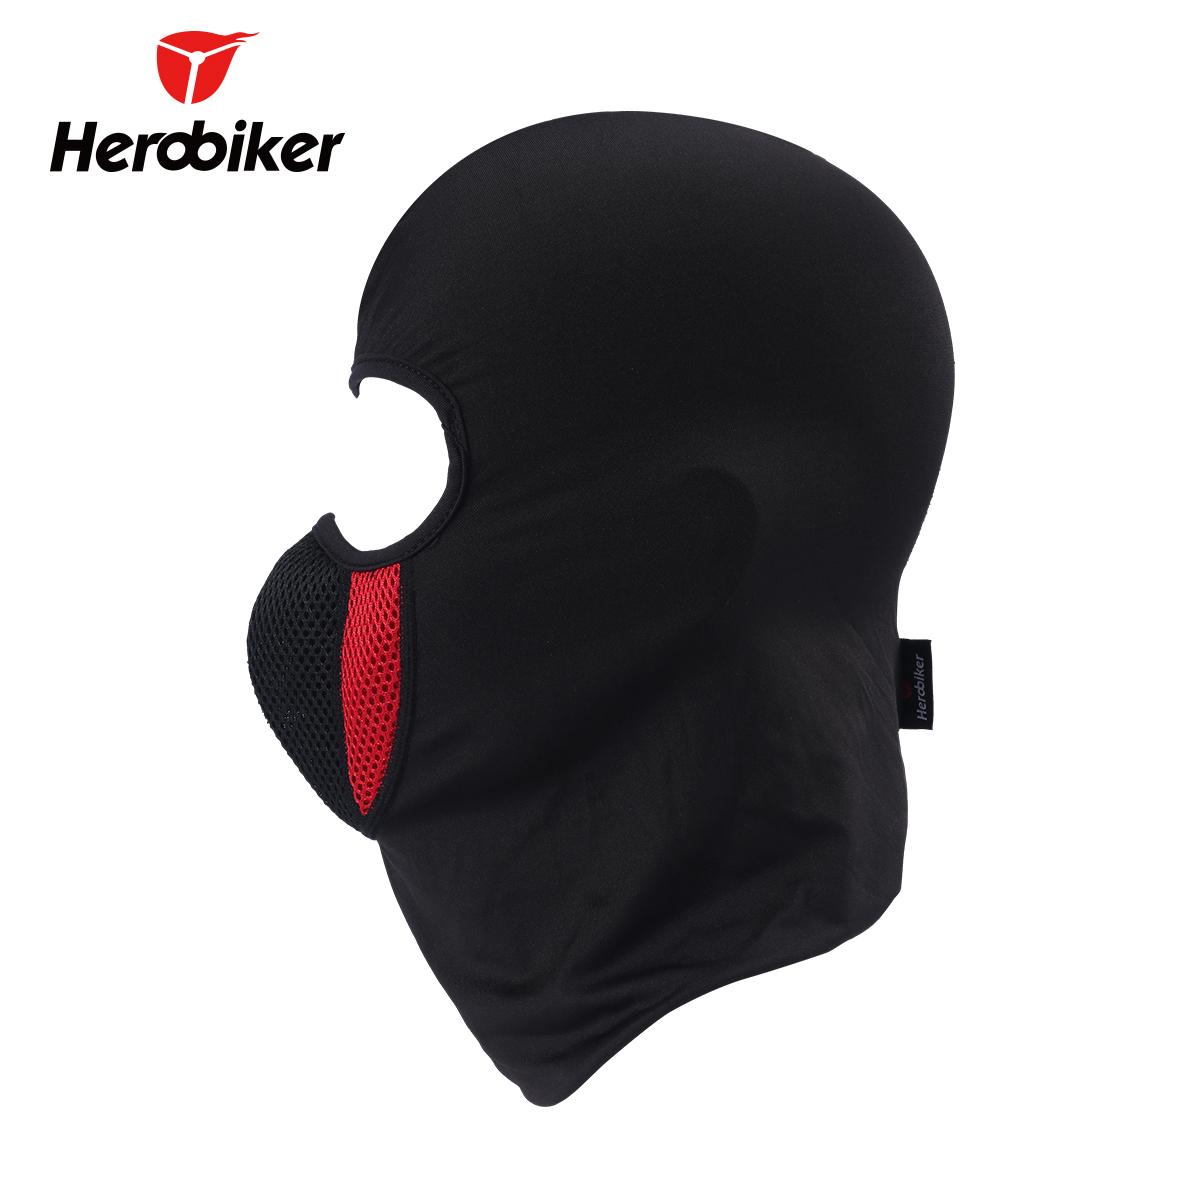 HEROBIKER Maska për Fytyrën me Motoçiklistë për Mëmë të Pro - Aksesorë e pjesë për motoçikleta - Foto 3